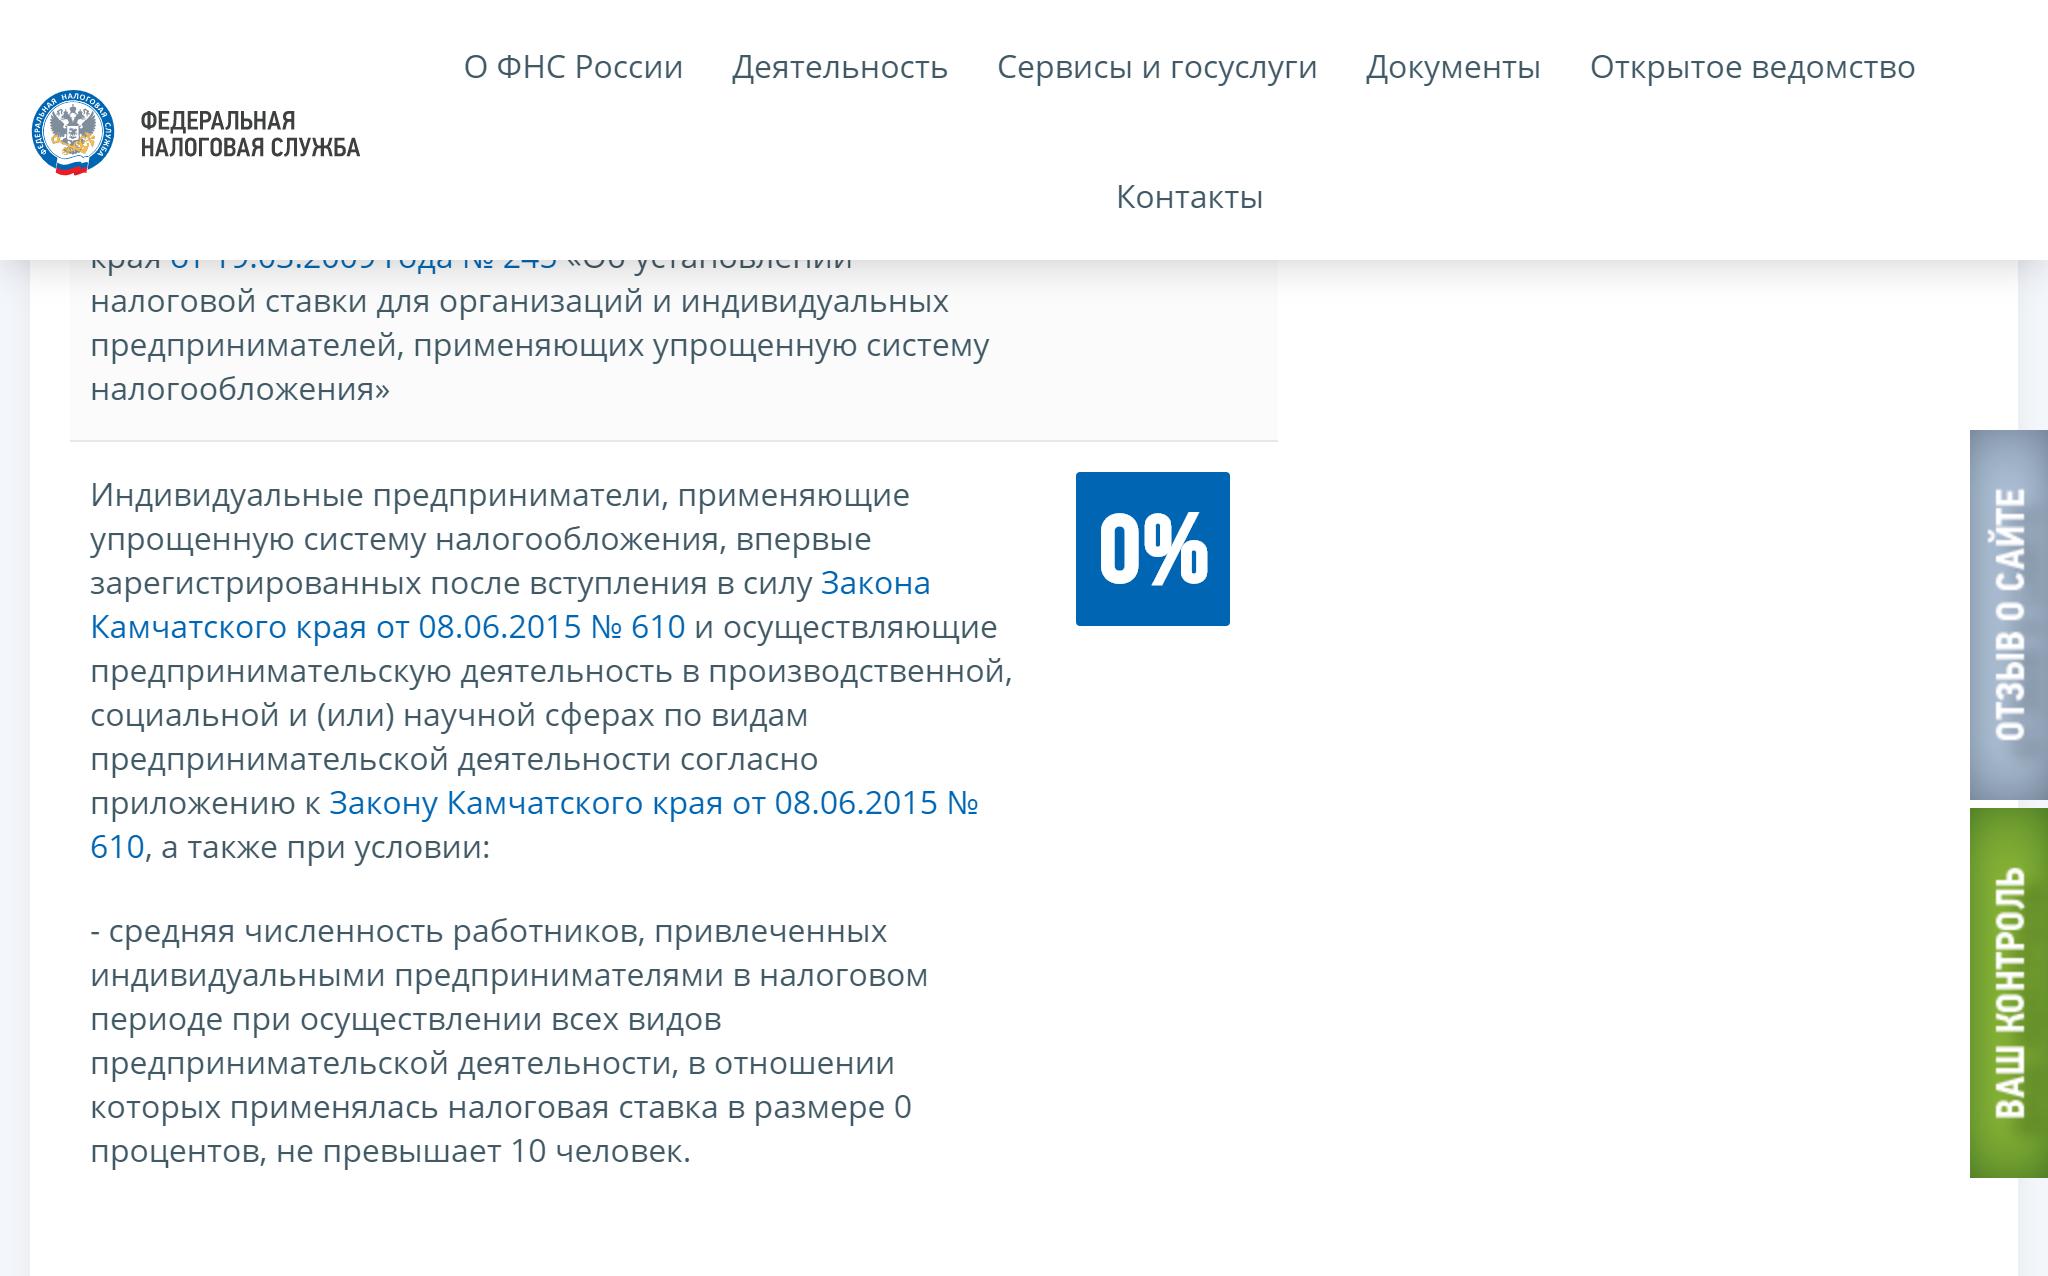 Кроме сфер деятельности есть и другие условия налоговых каникул для предпринимателей в Камчатском крае: количество работников не может превышать 10 человек